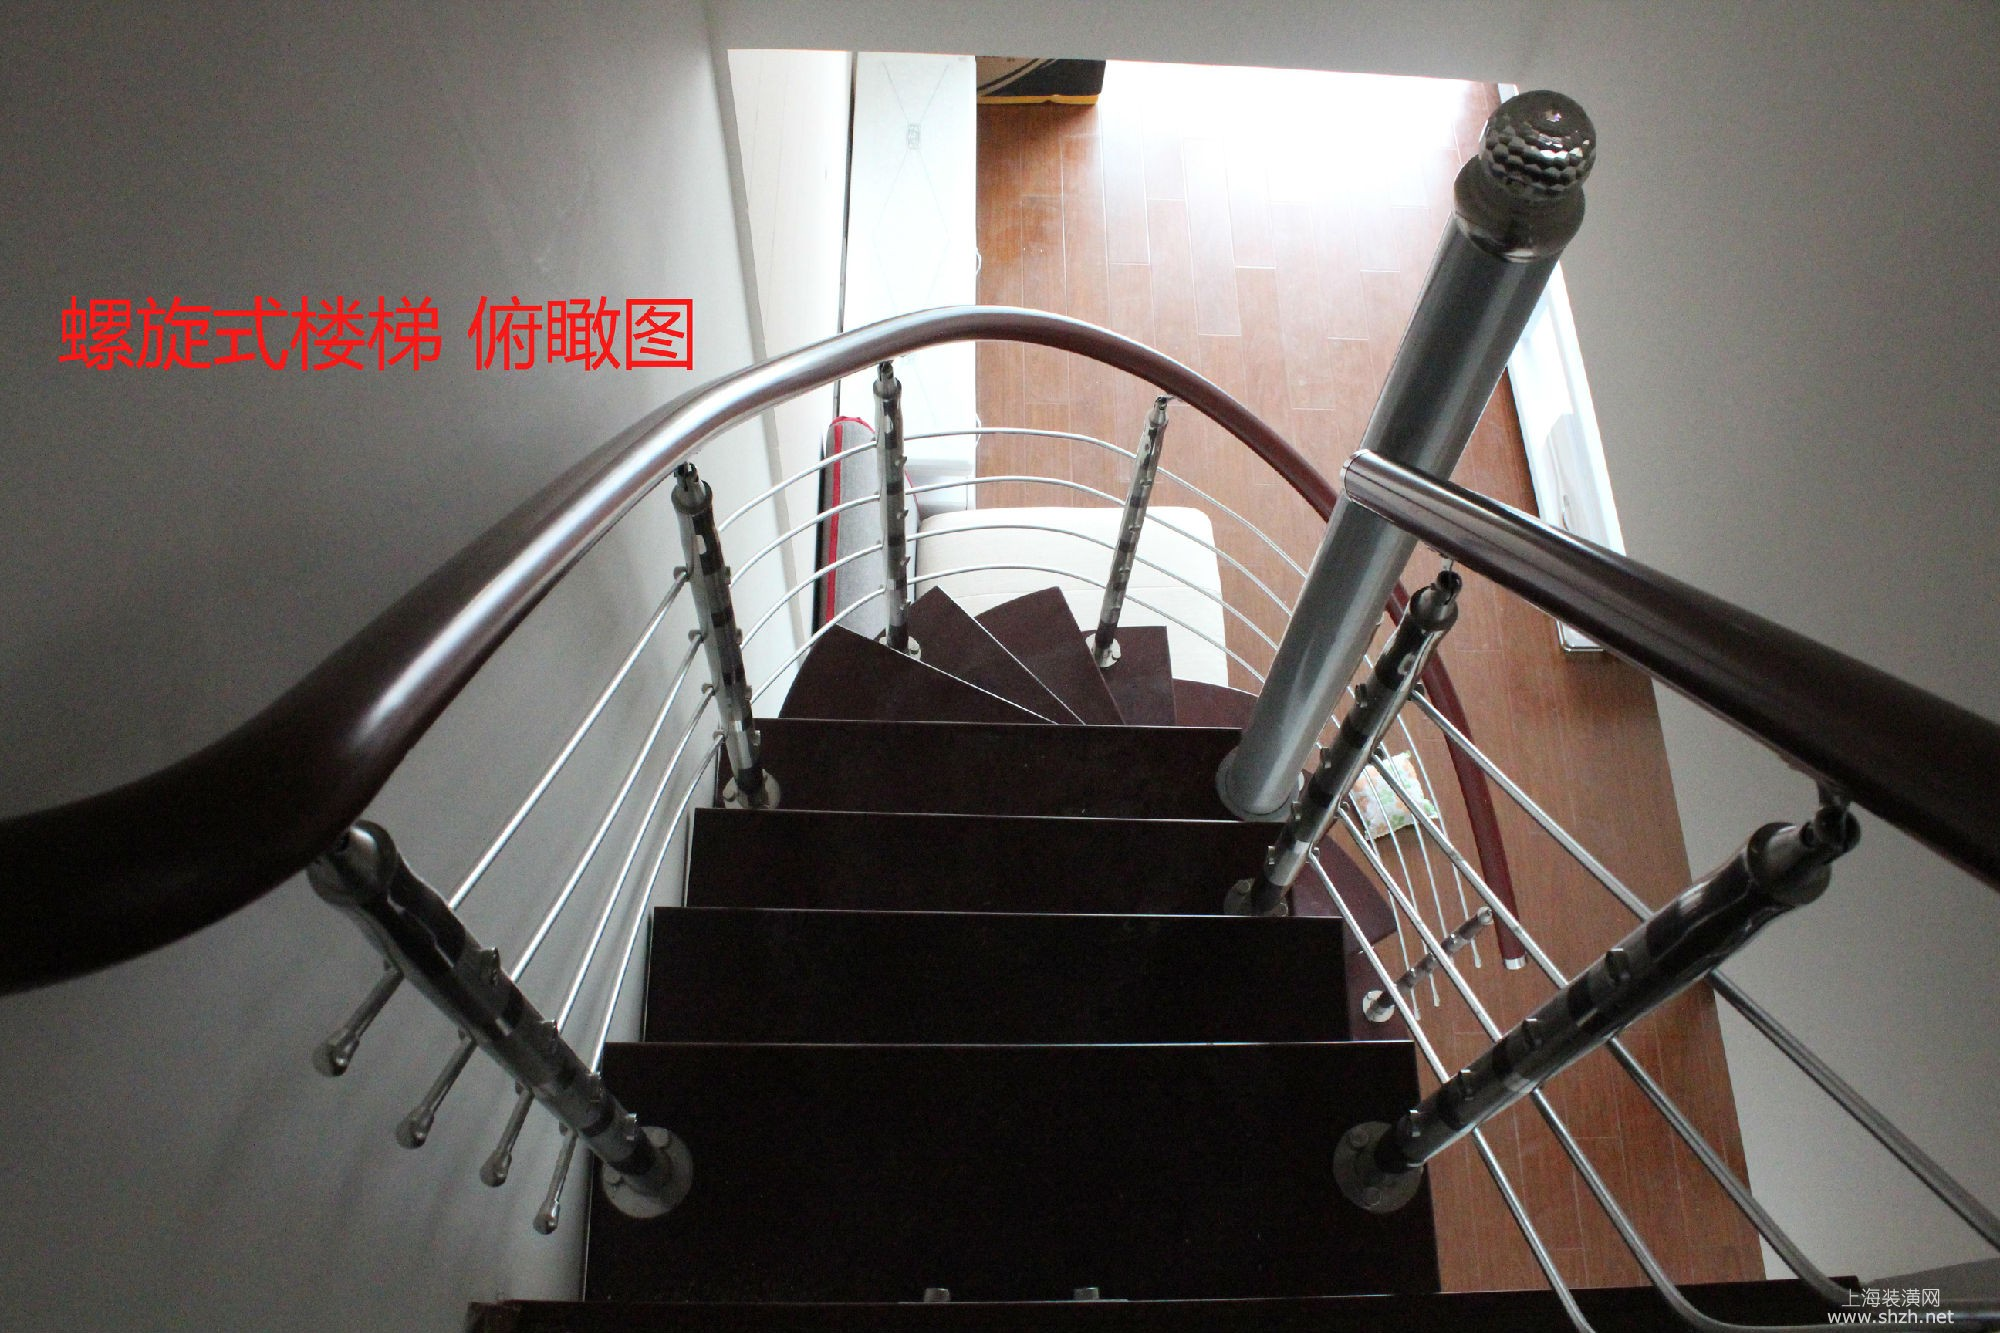 现此楼梯设计不常见